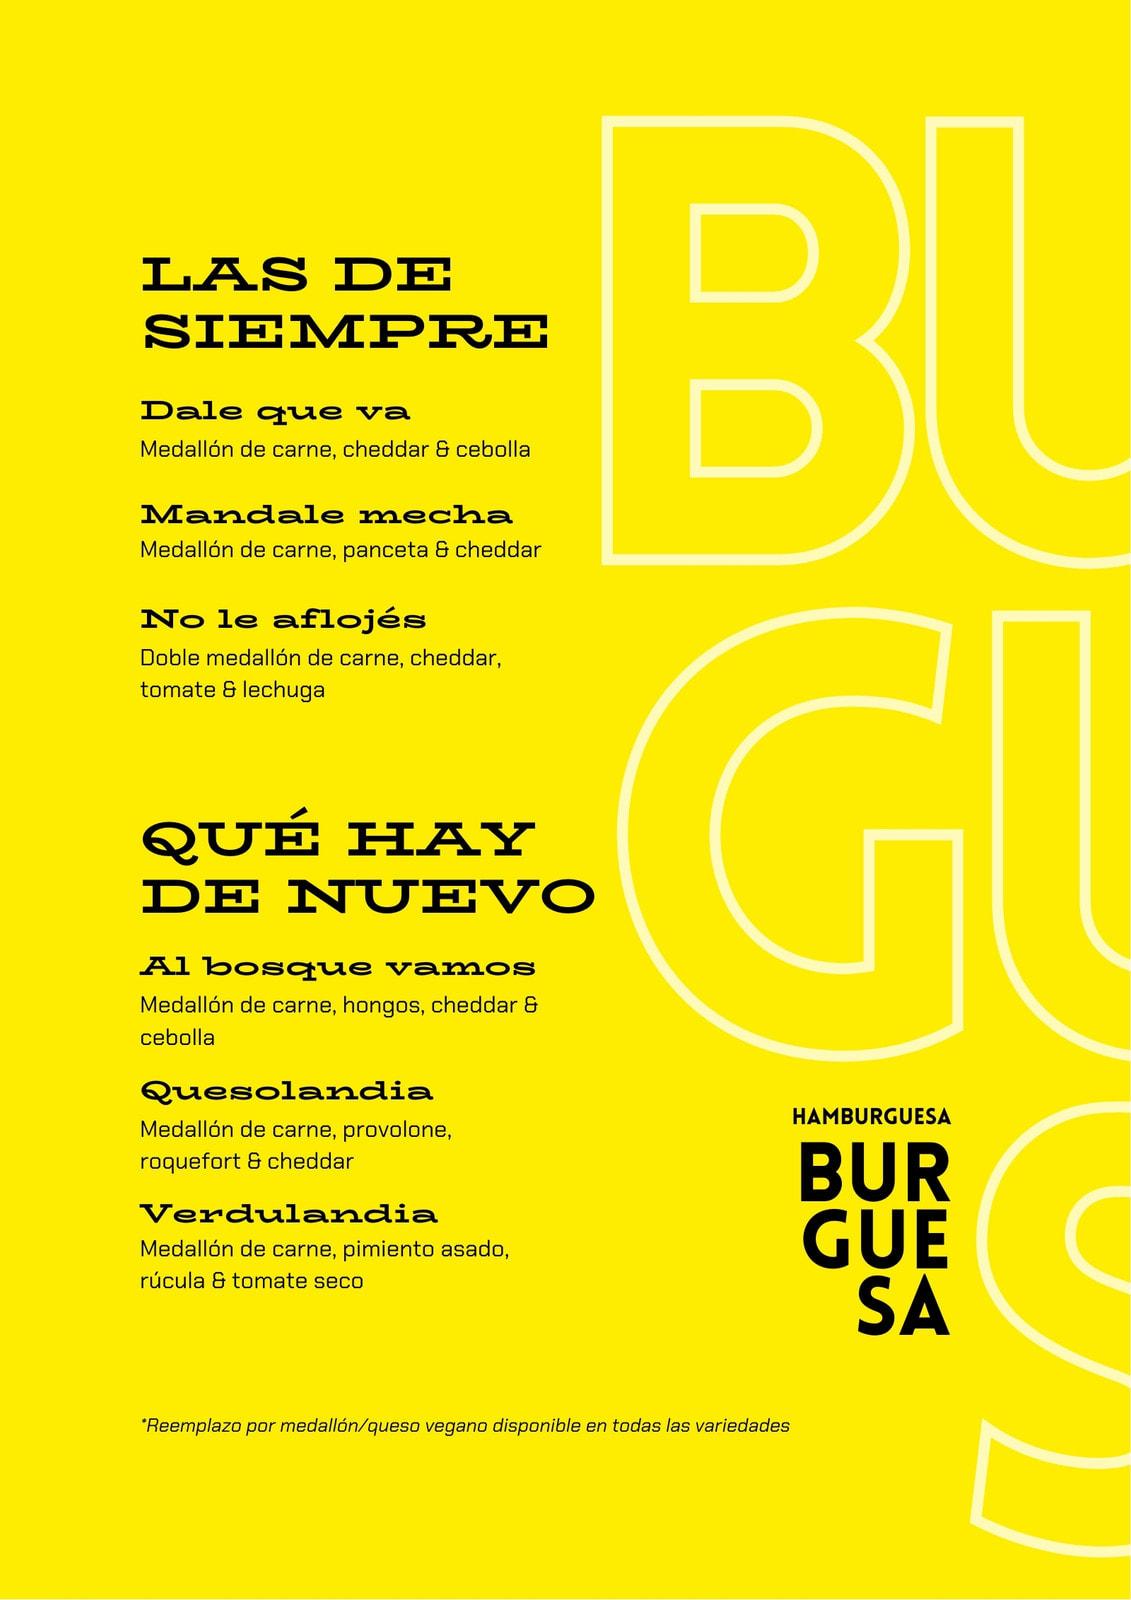 Menú tipográfico de lugar de hamburguesas, color amarillo verde y negro con foto de hamburguesa en tonos grises